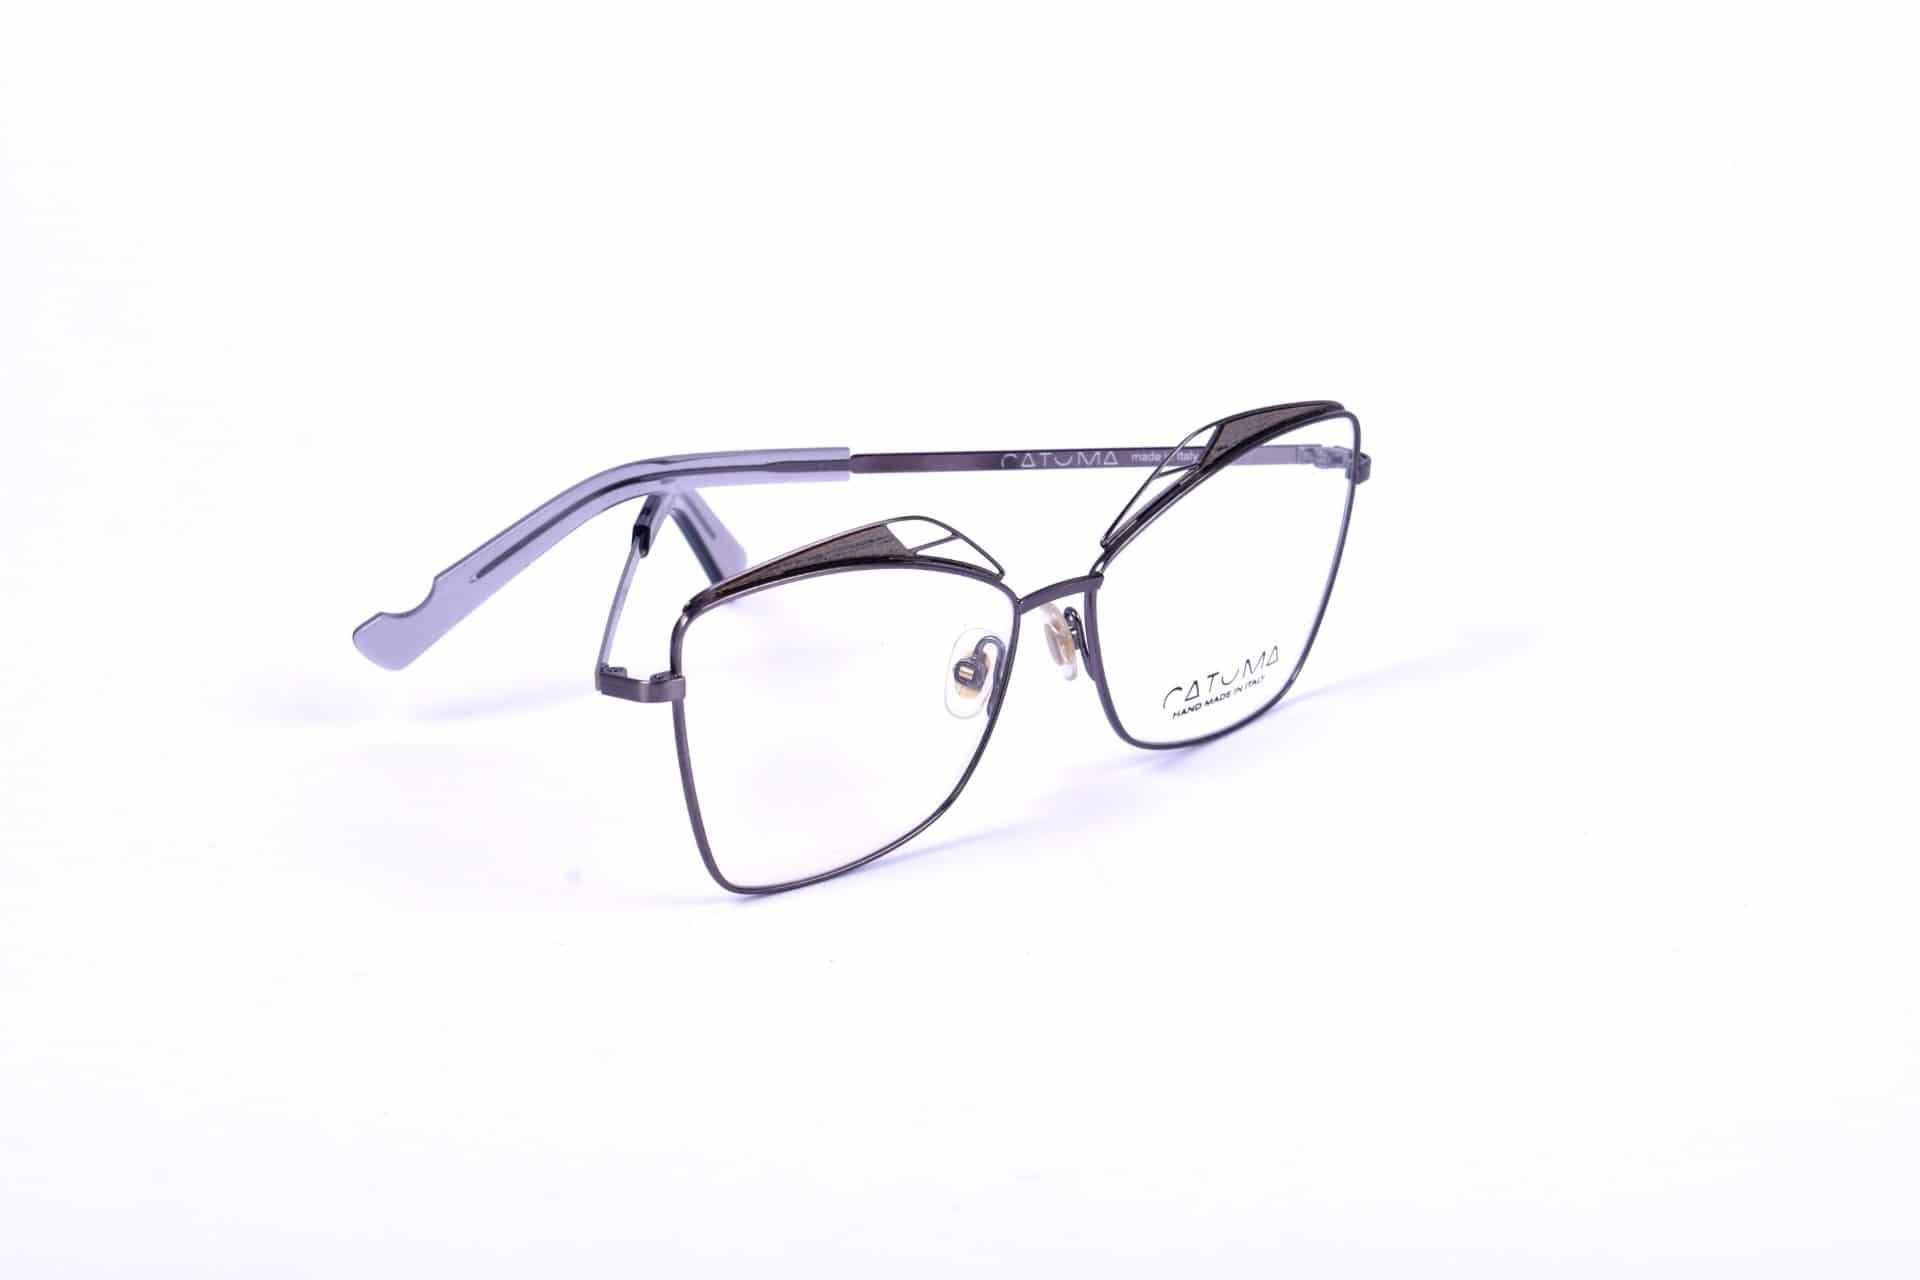 משקפי ראיה טרנדיות - אופטיקה יפעת, אופטיקאית מוסמכת